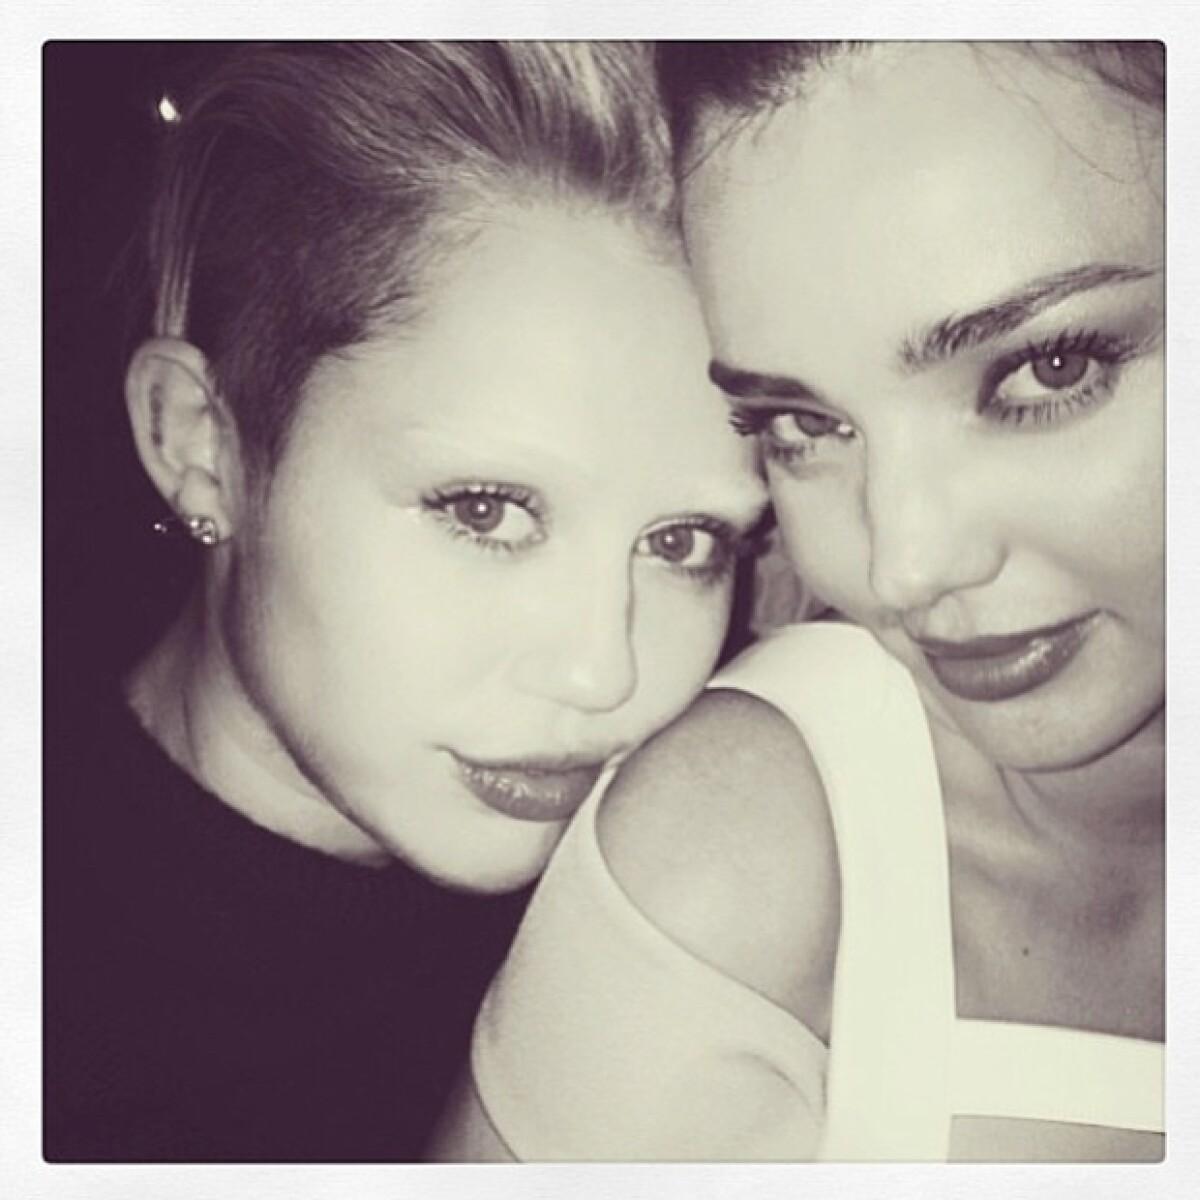 ¿Dónde quedaron las cejas de Miley Cyrus?